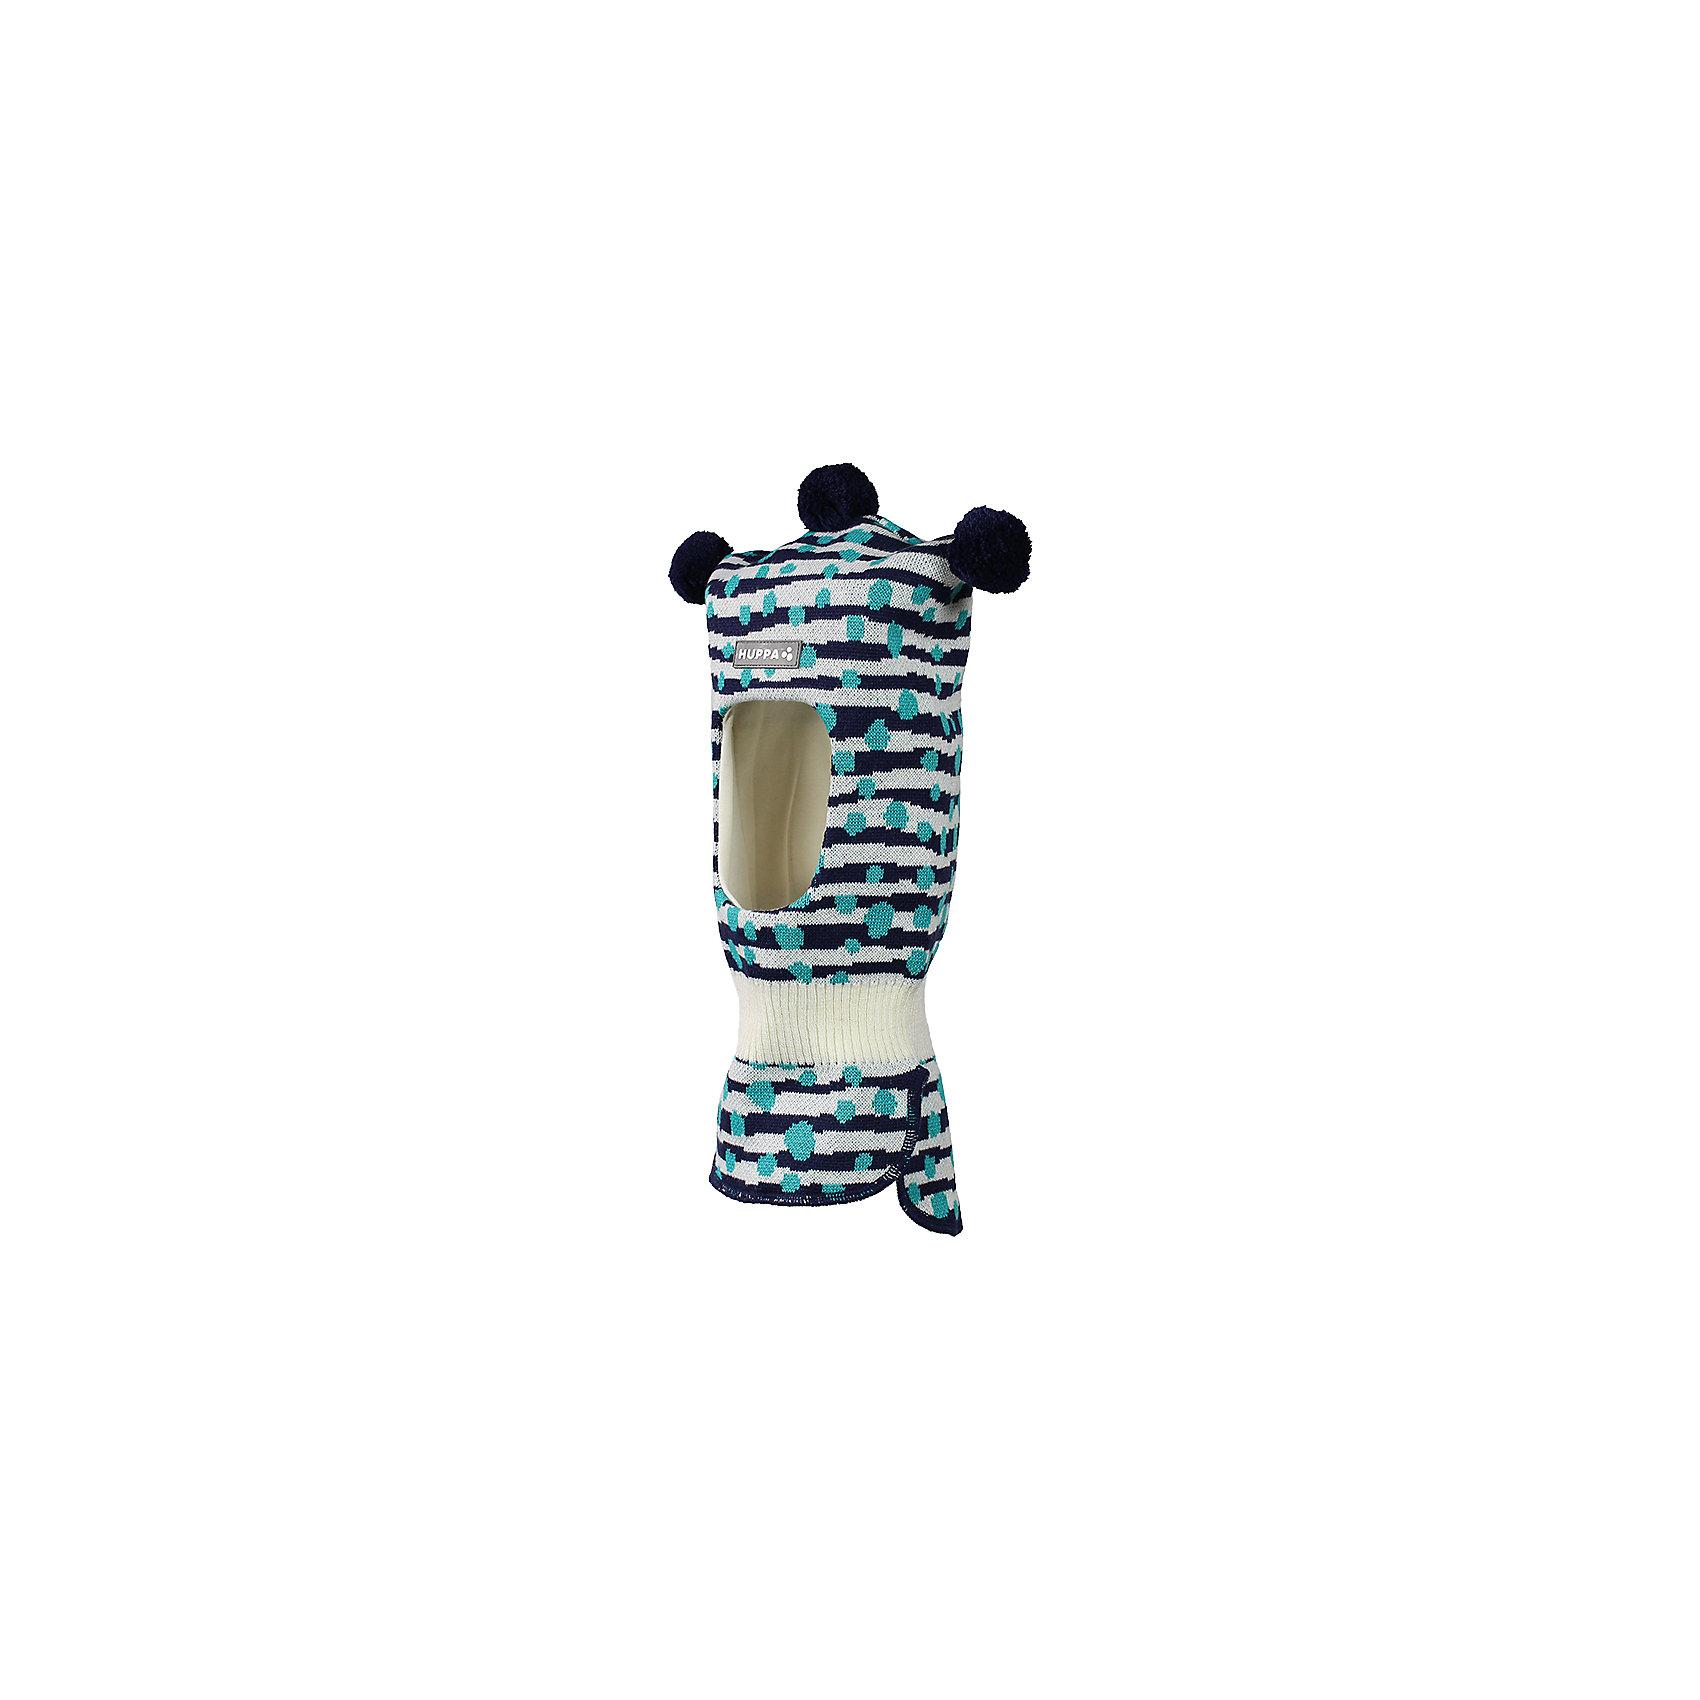 Шапка-шлем Huppa CocoГоловные уборы<br>Характеристики товара:<br><br>• модель: Coco;<br>• цвет: синий в полоску;<br>• состав: 50% шерсть, 50% полиакрил;<br>• подкладка: 100% хлопок;<br>• сезон: зима;<br>• температурный режим: от +5 до - 30С;<br>• шапка с тремя помпонами сверху;<br>• особенности: вязаная, шерстяная;<br>• страна бренда: Финляндия;<br>• страна изготовитель: Эстония.<br><br>Шапка-шлем Хуппа с тремя помпонами. Подкладка выполнена из хлопкового трикотажа, наружная ткань - это 50% мериносовой шерсти и 50% акриловой пряжи. Шапка-шлем идеальна для ношения в зимние холода, потому что защищает шею и уши ребенка от холодного ветра.<br><br>Шапку-шлем Huppa Coco (Хуппа) можно купить в нашем интернет-магазине.<br><br>Ширина мм: 89<br>Глубина мм: 117<br>Высота мм: 44<br>Вес г: 155<br>Цвет: синий<br>Возраст от месяцев: 3<br>Возраст до месяцев: 12<br>Пол: Унисекс<br>Возраст: Детский<br>Размер: 43-45,47-49<br>SKU: 7029364